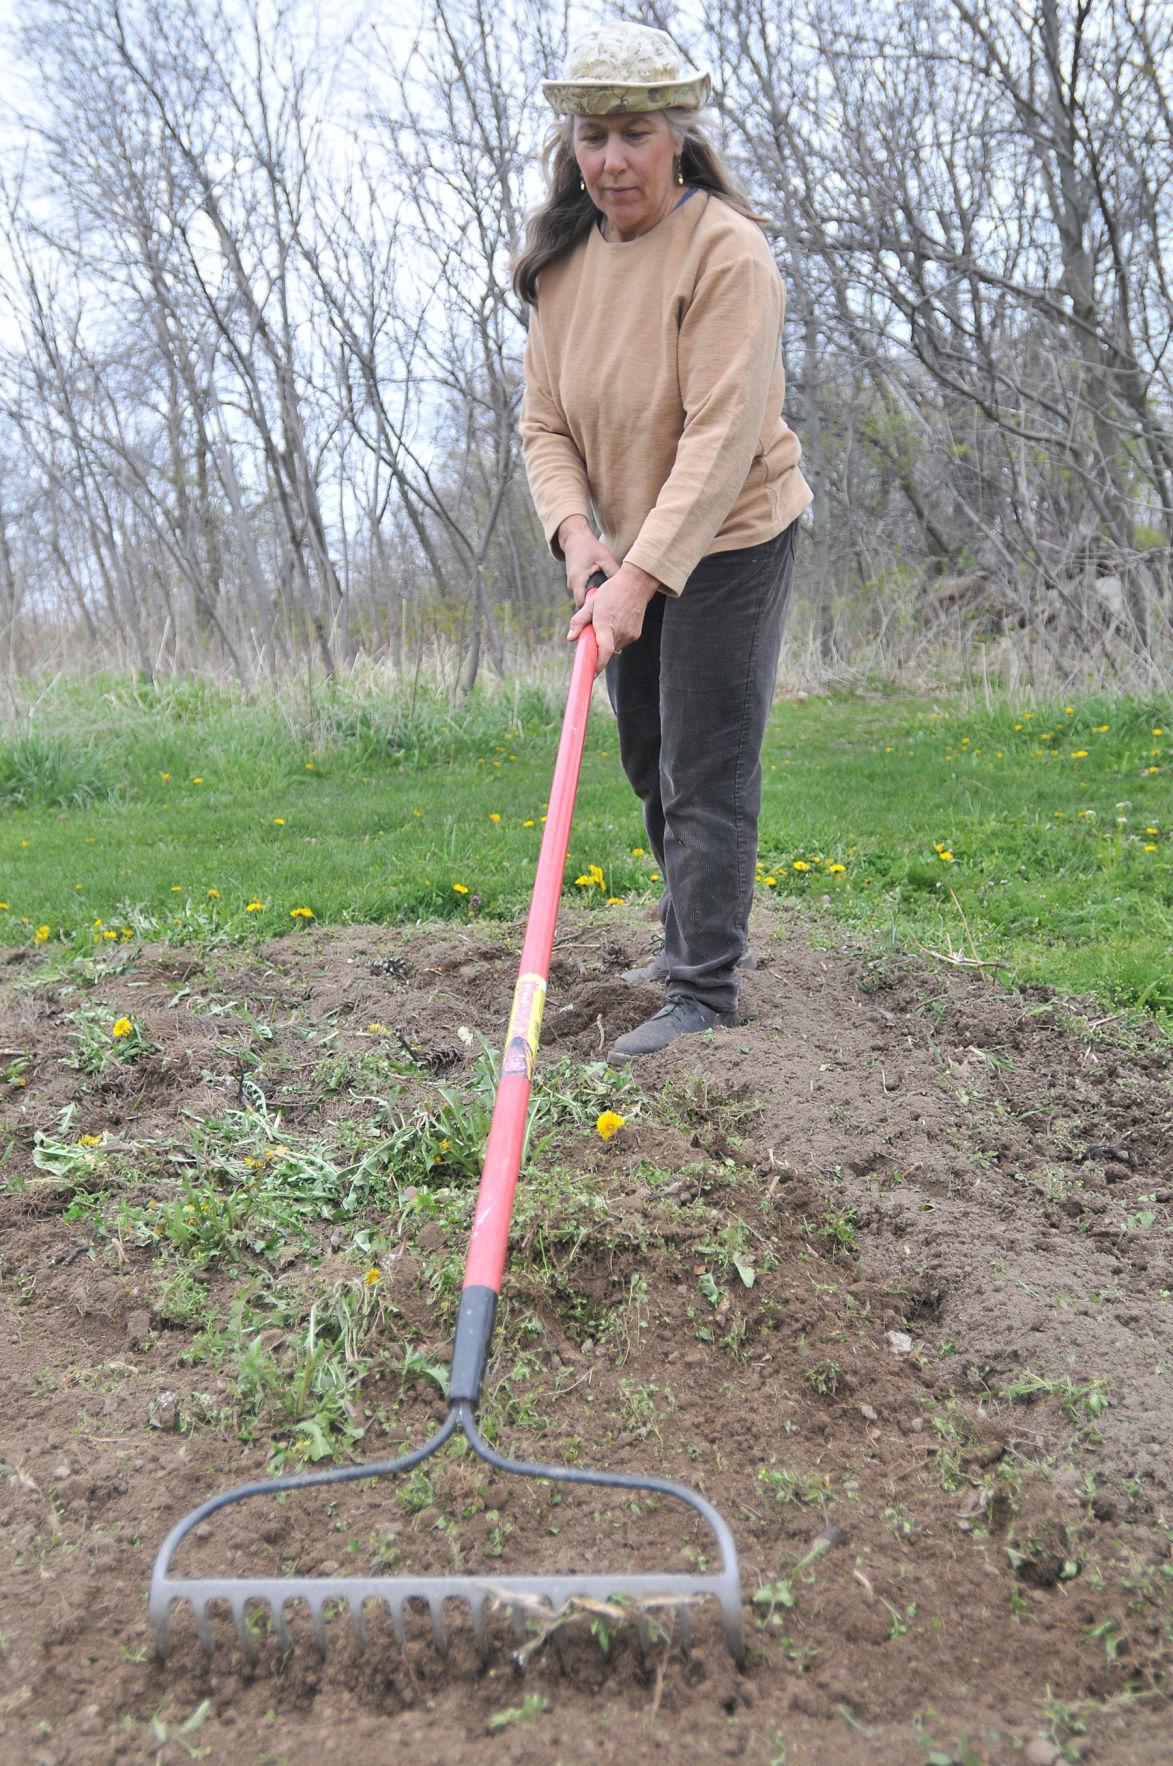 Small farm has big ideas for grant